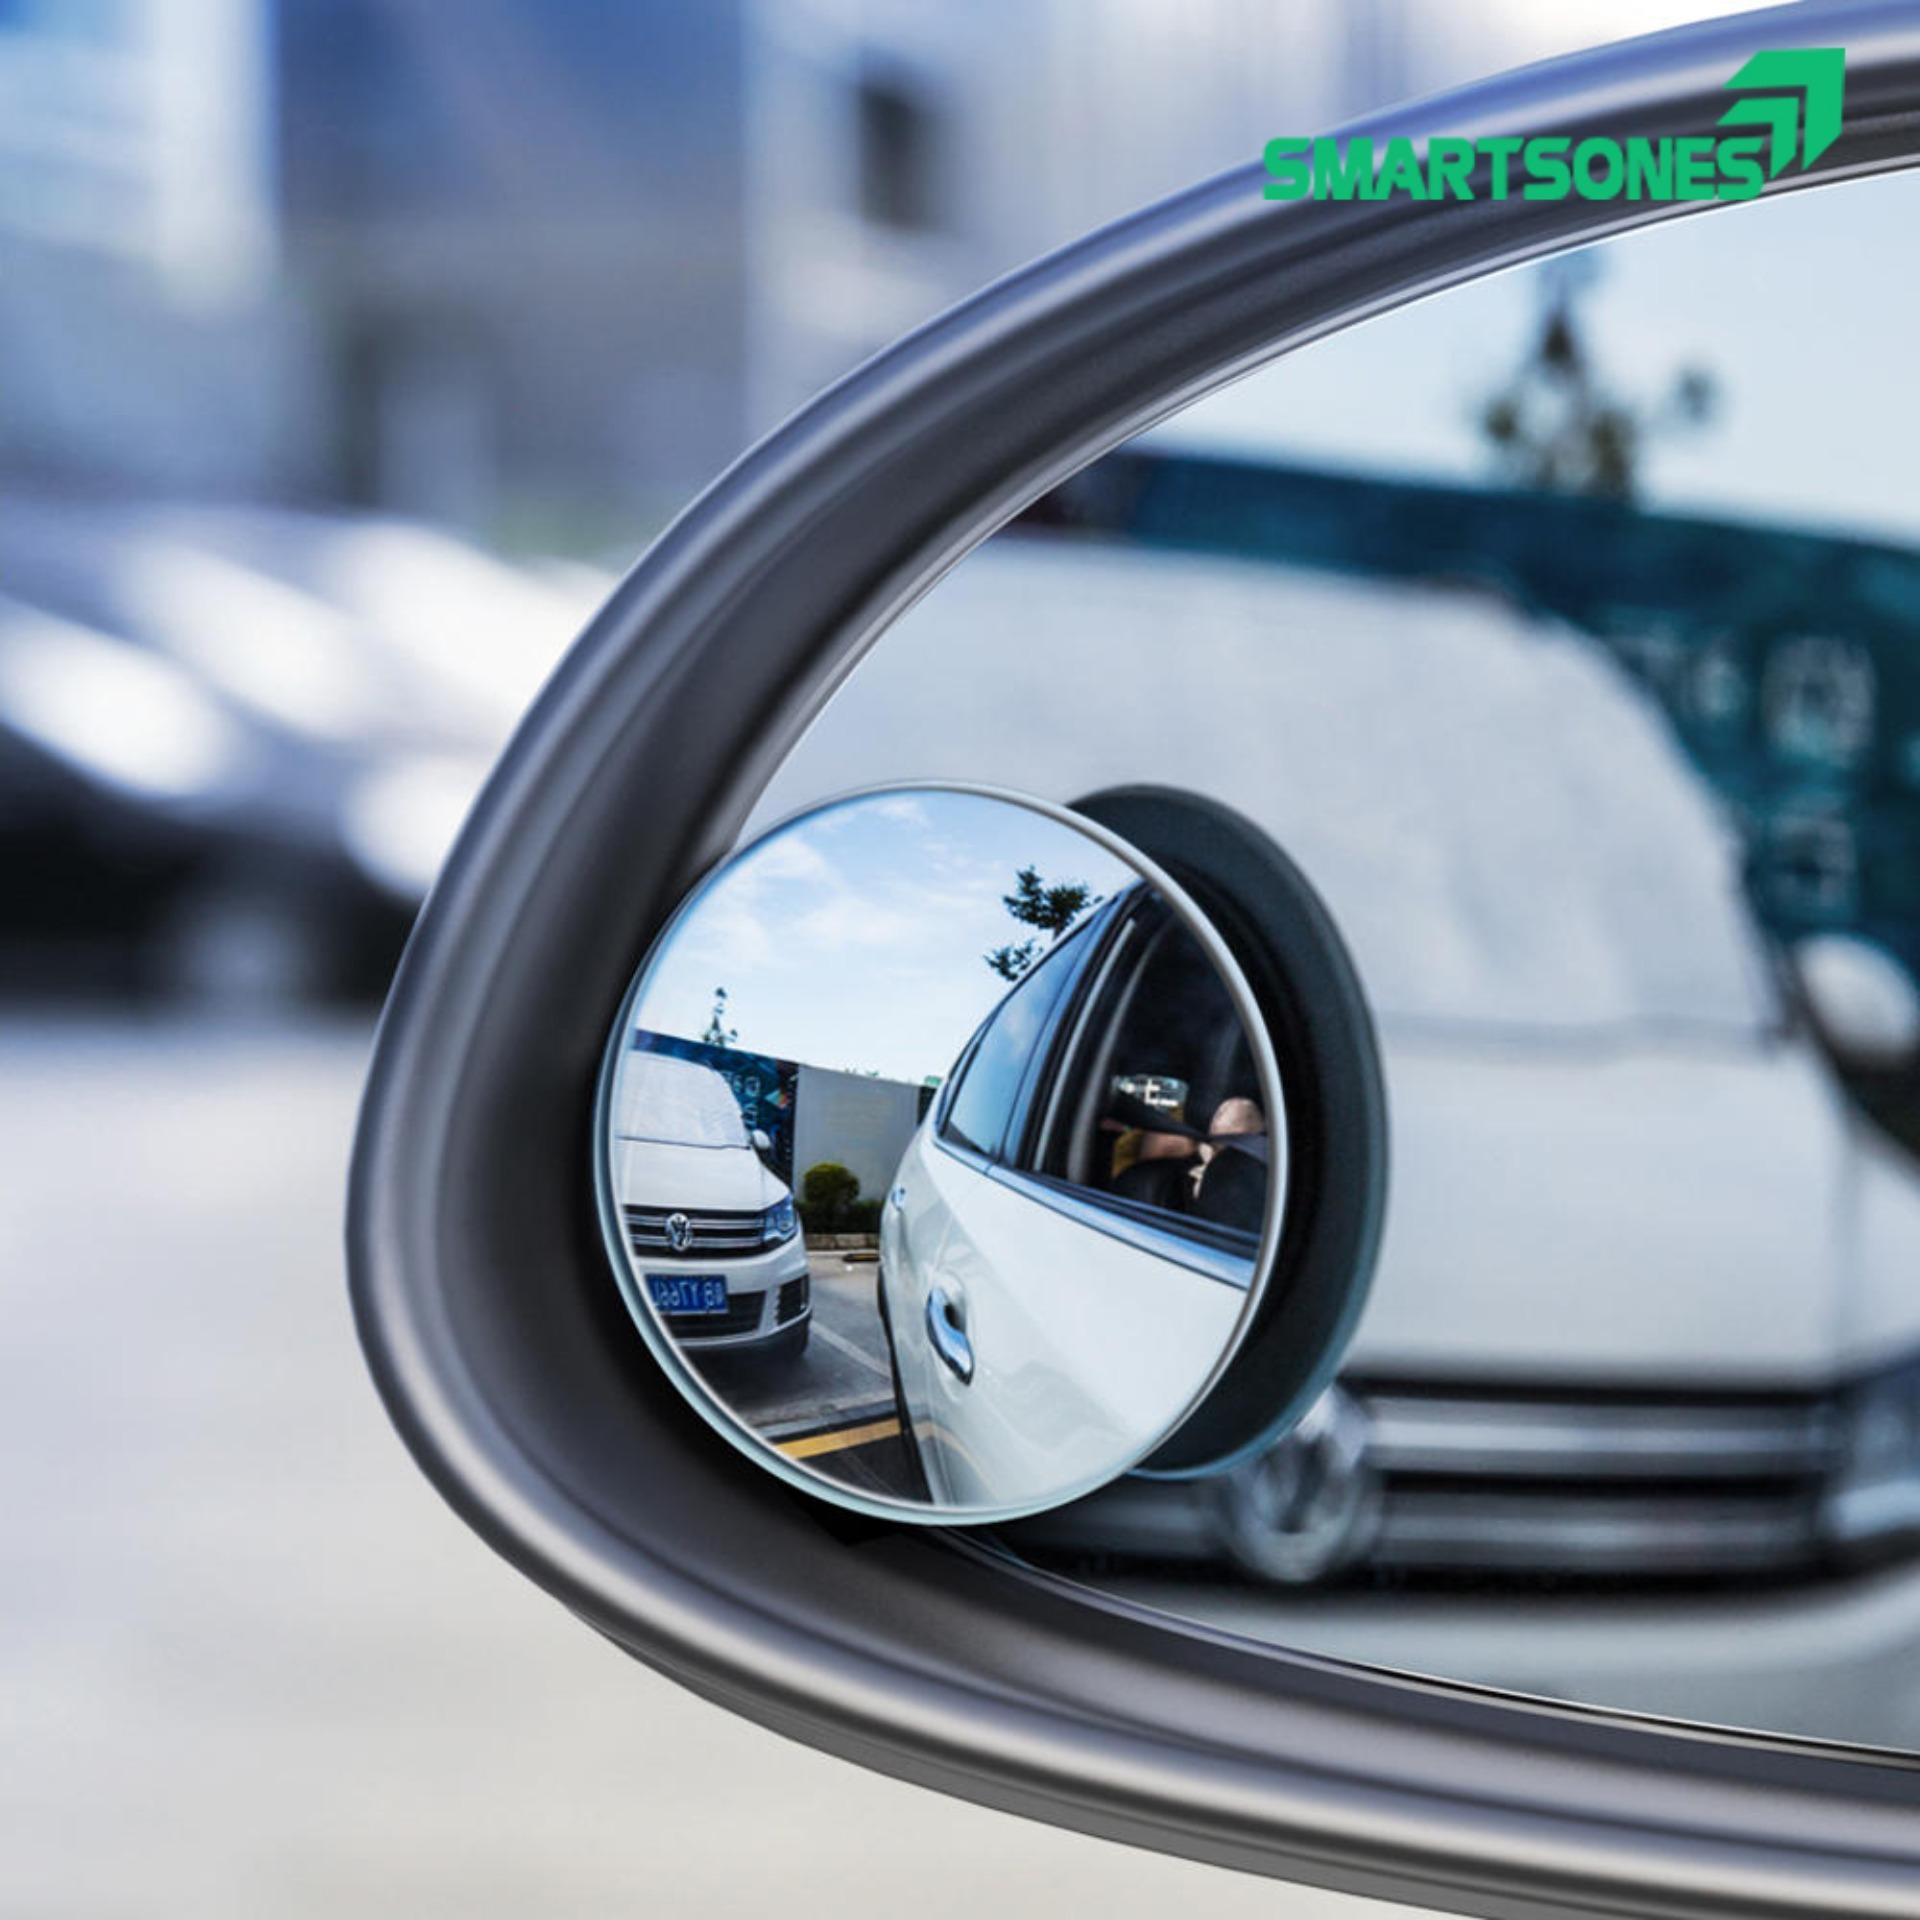 [Có video] Bộ 2 gương cầu lồi chiếu hậu xóa điểm mù xe hơi xoay 360 độ cho hình ảnh rõ ràng sắc nét cải thiện góc nhìn giúp người lái quan sát dễ dàng hơn